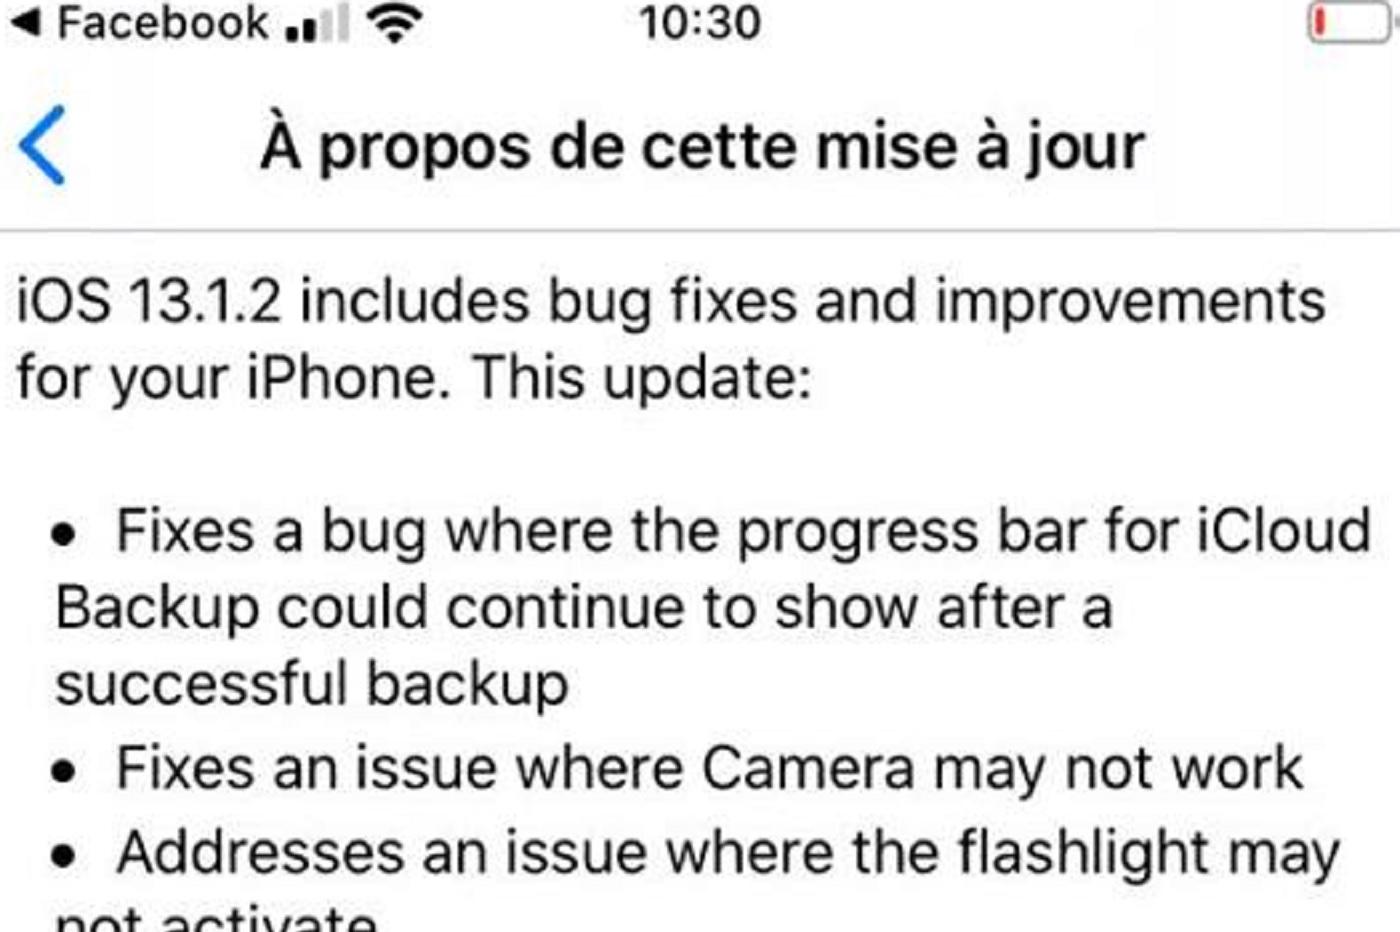 mise à jour iOS 13